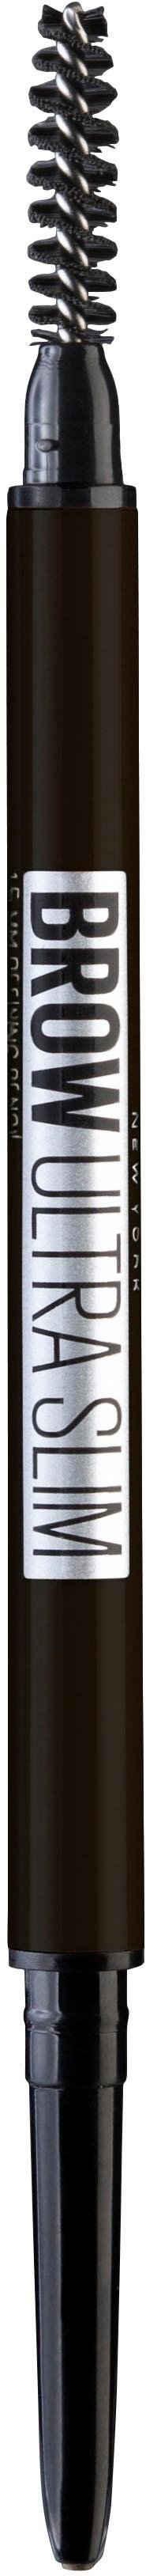 MAYBELLINE NEW YORK Augenbrauen-Stift »Brow Ultra Slim Liner«